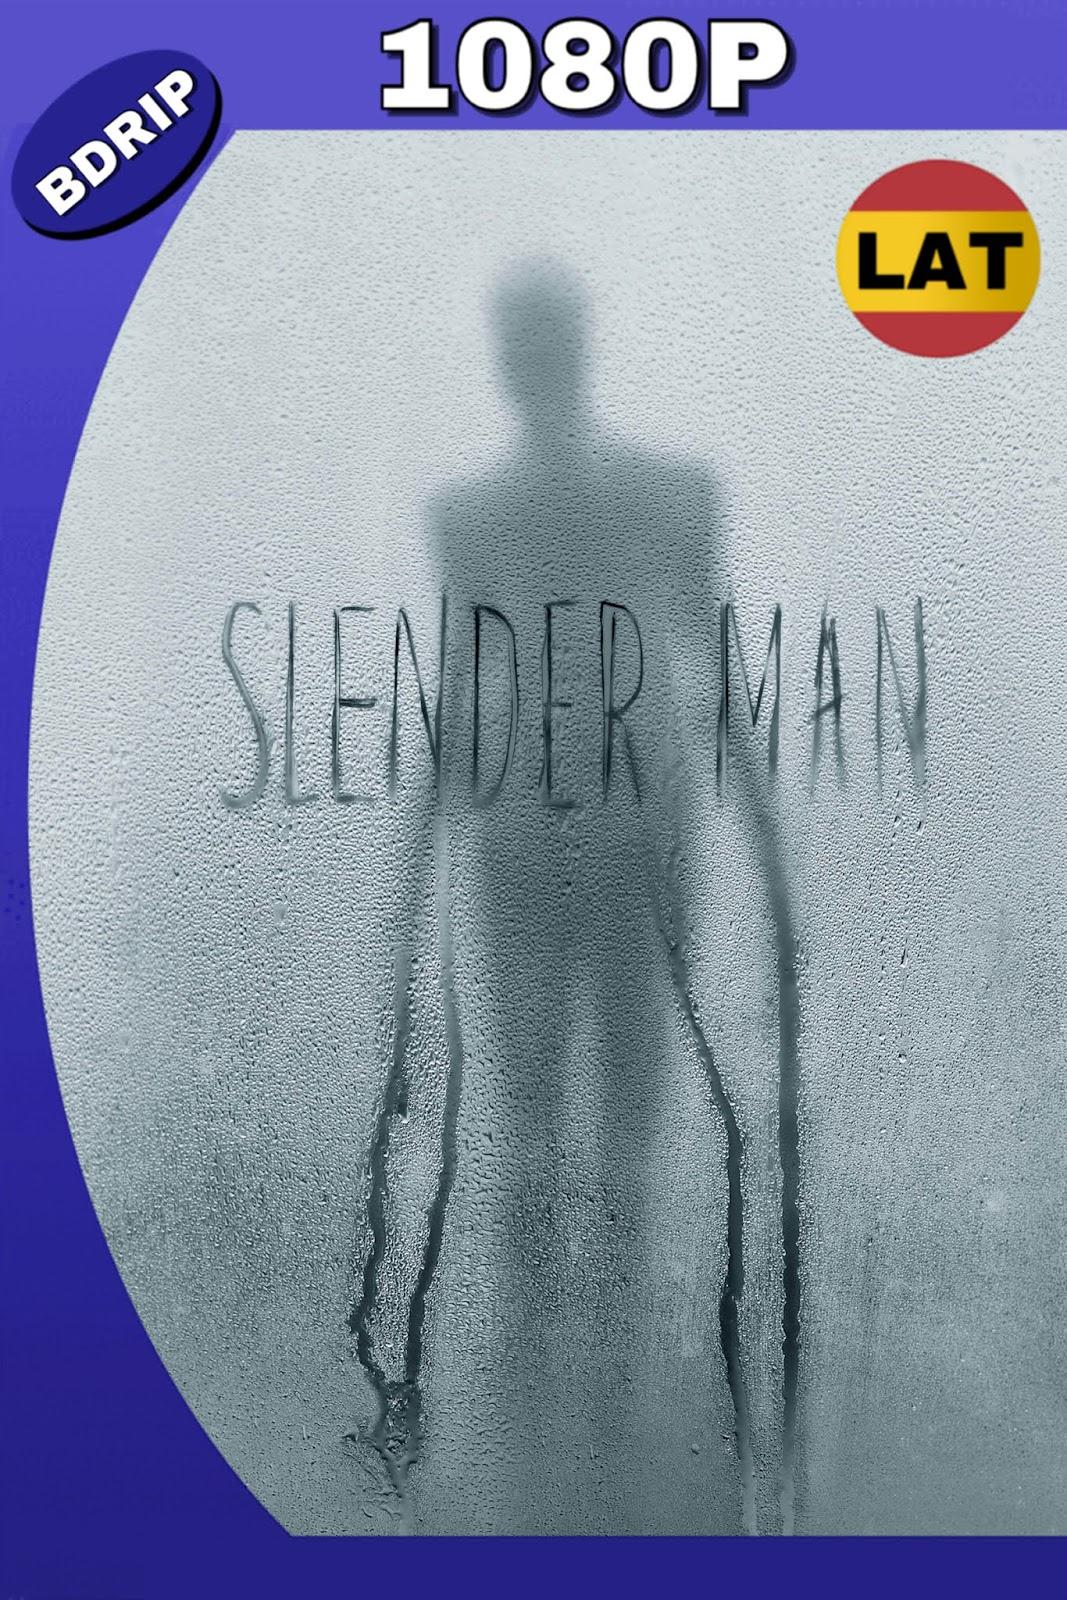 SLENDER MAN 2018 LAT-ING HD BDRIP 1080P MKV